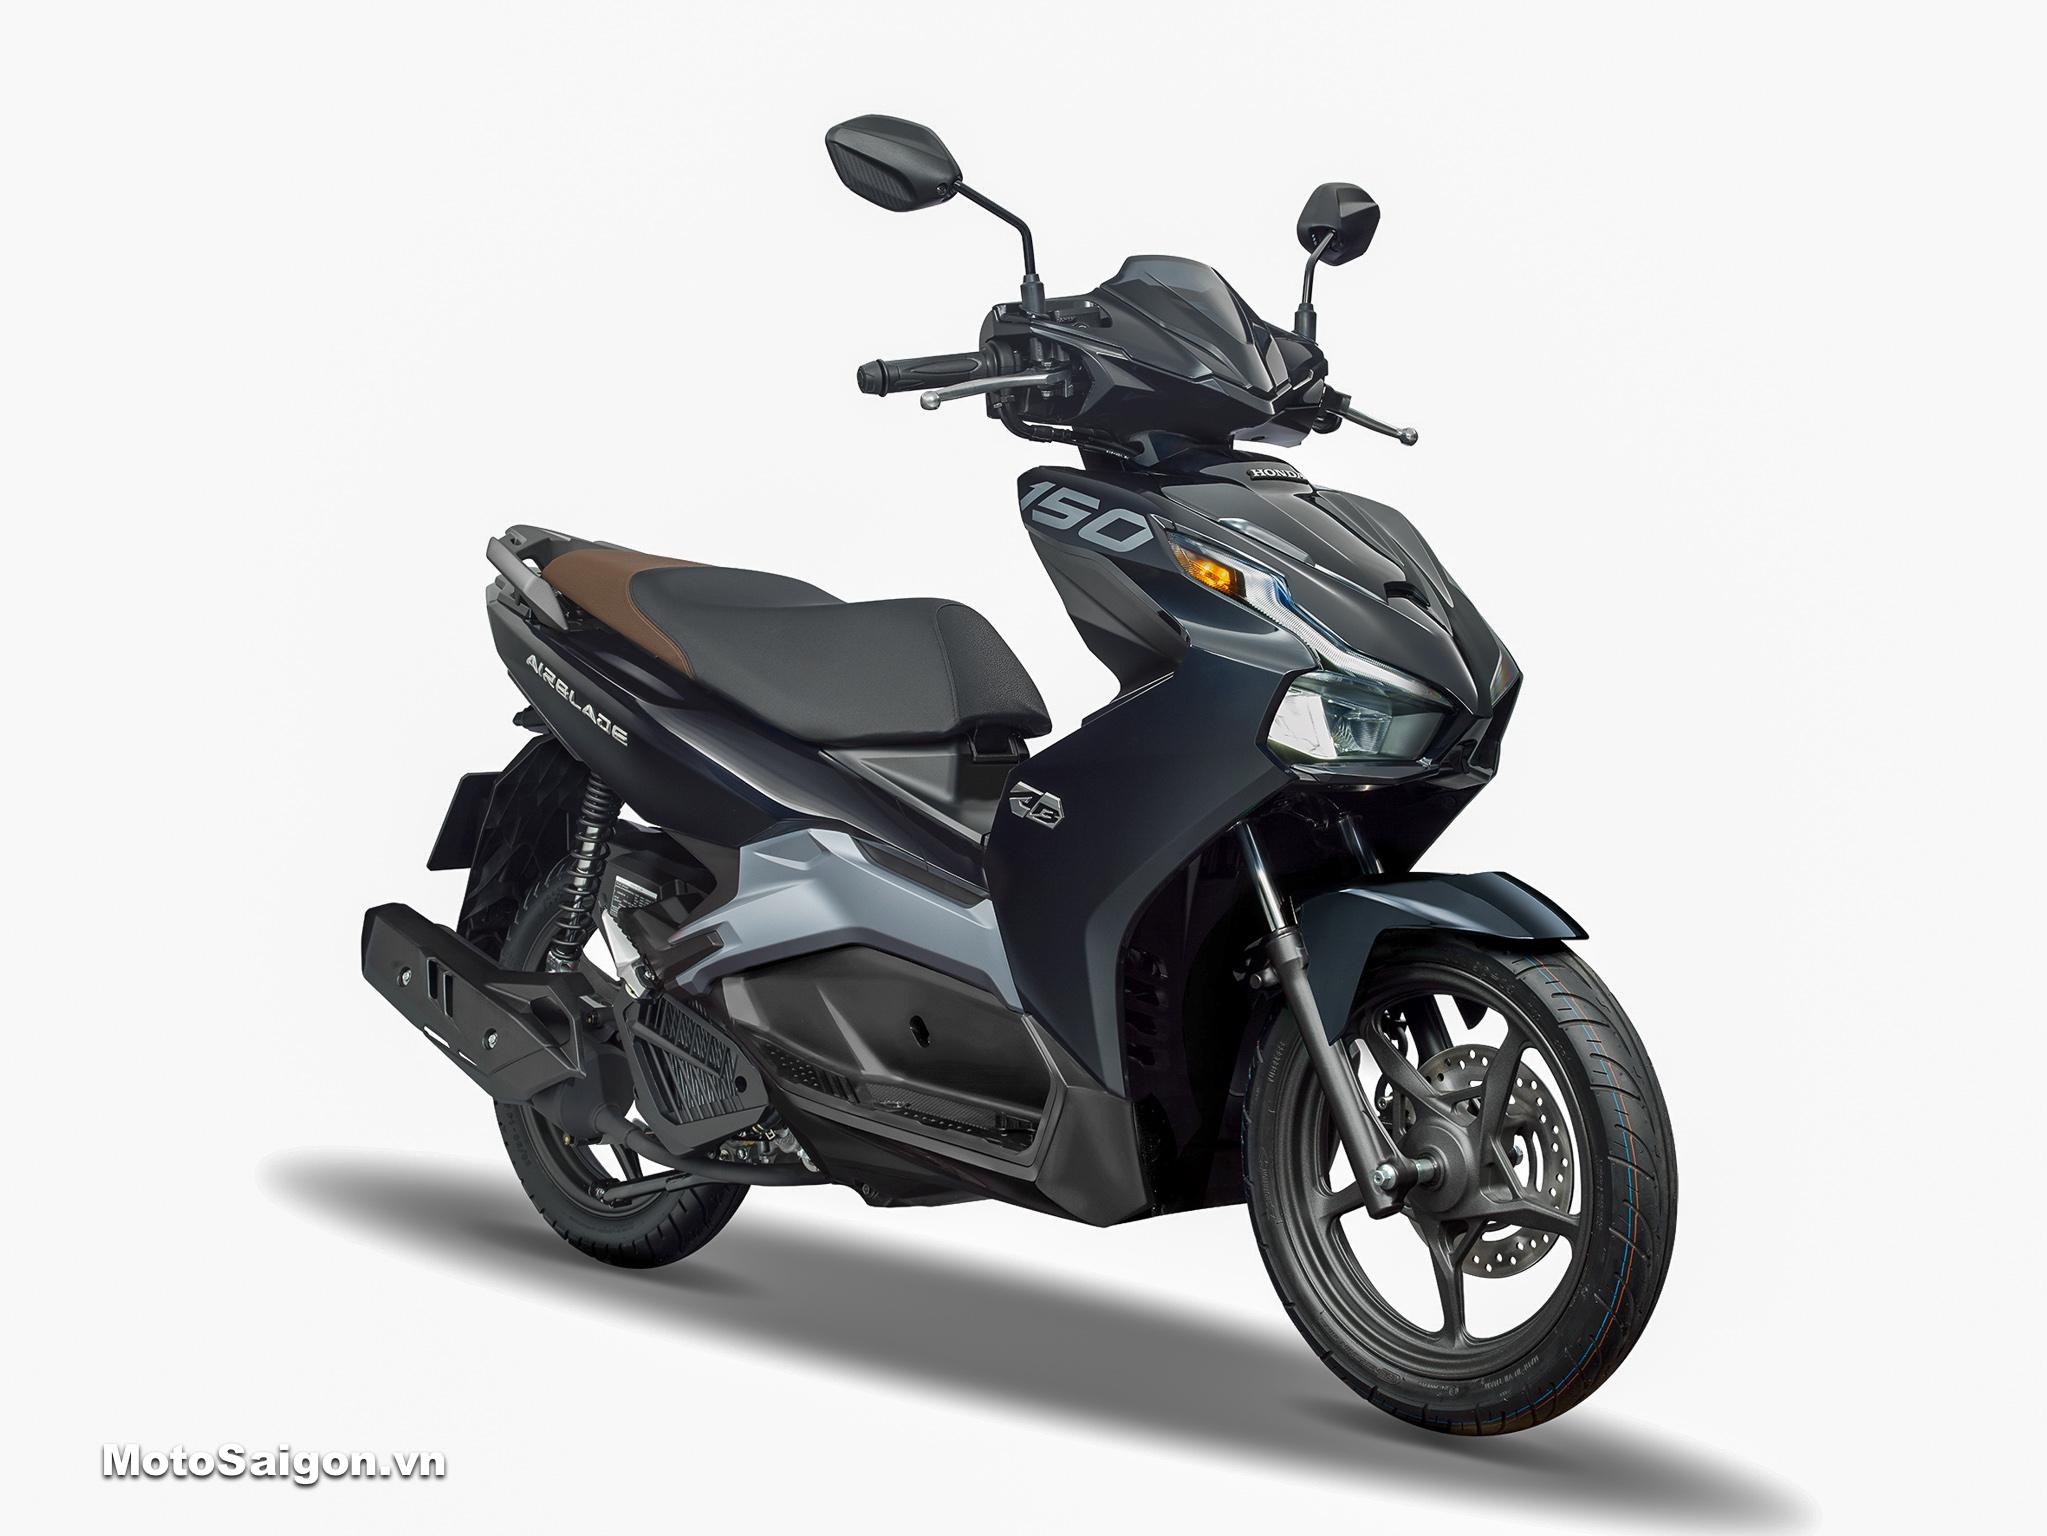 Honda Air Blade 150 ABS tiêu chuẩn màu đen bạc 2020